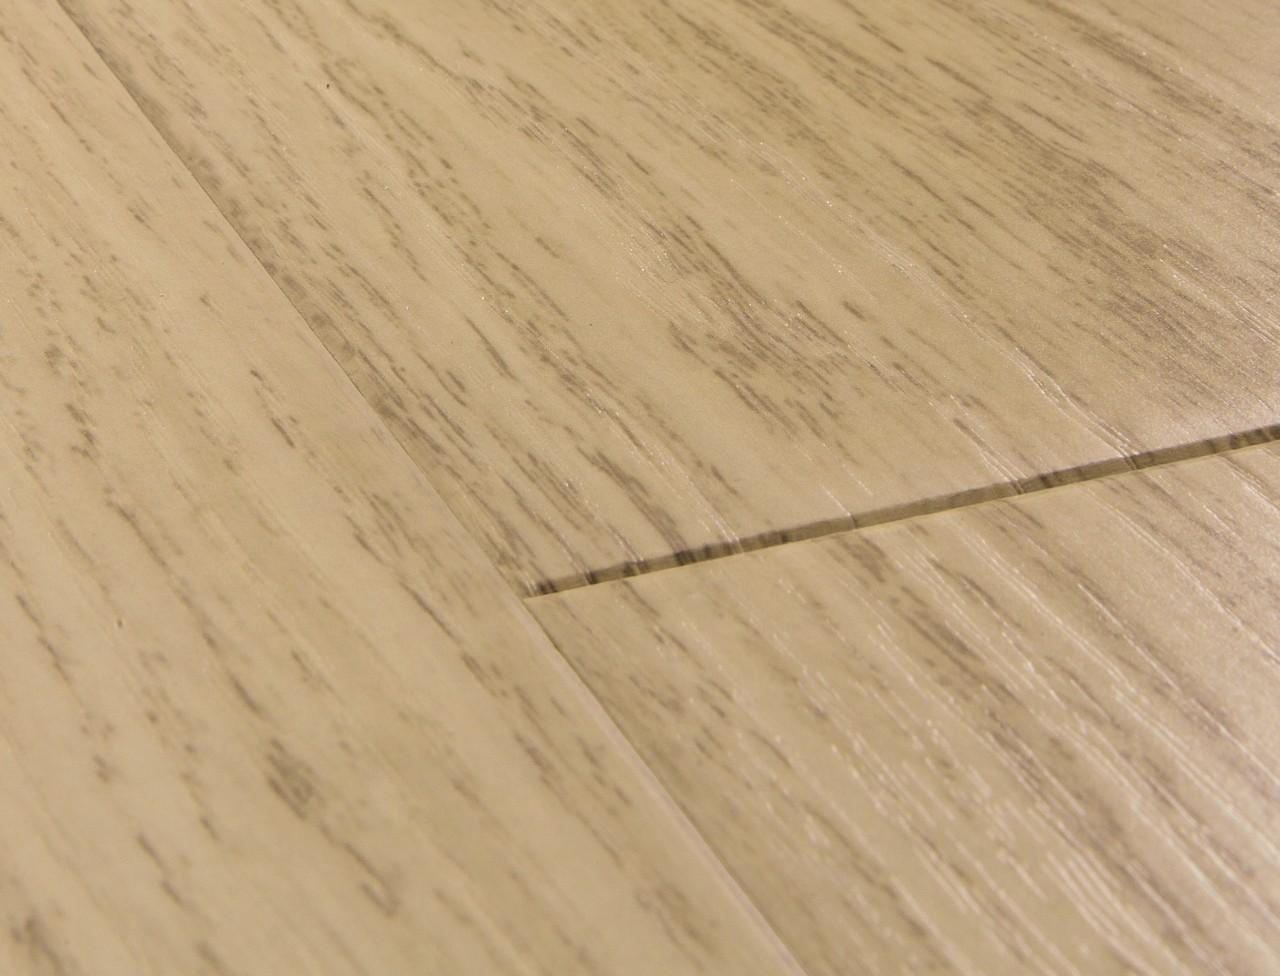 Imu3105 roble barnizado blanco suelos de laminado - Suelo laminado roble blanco ...